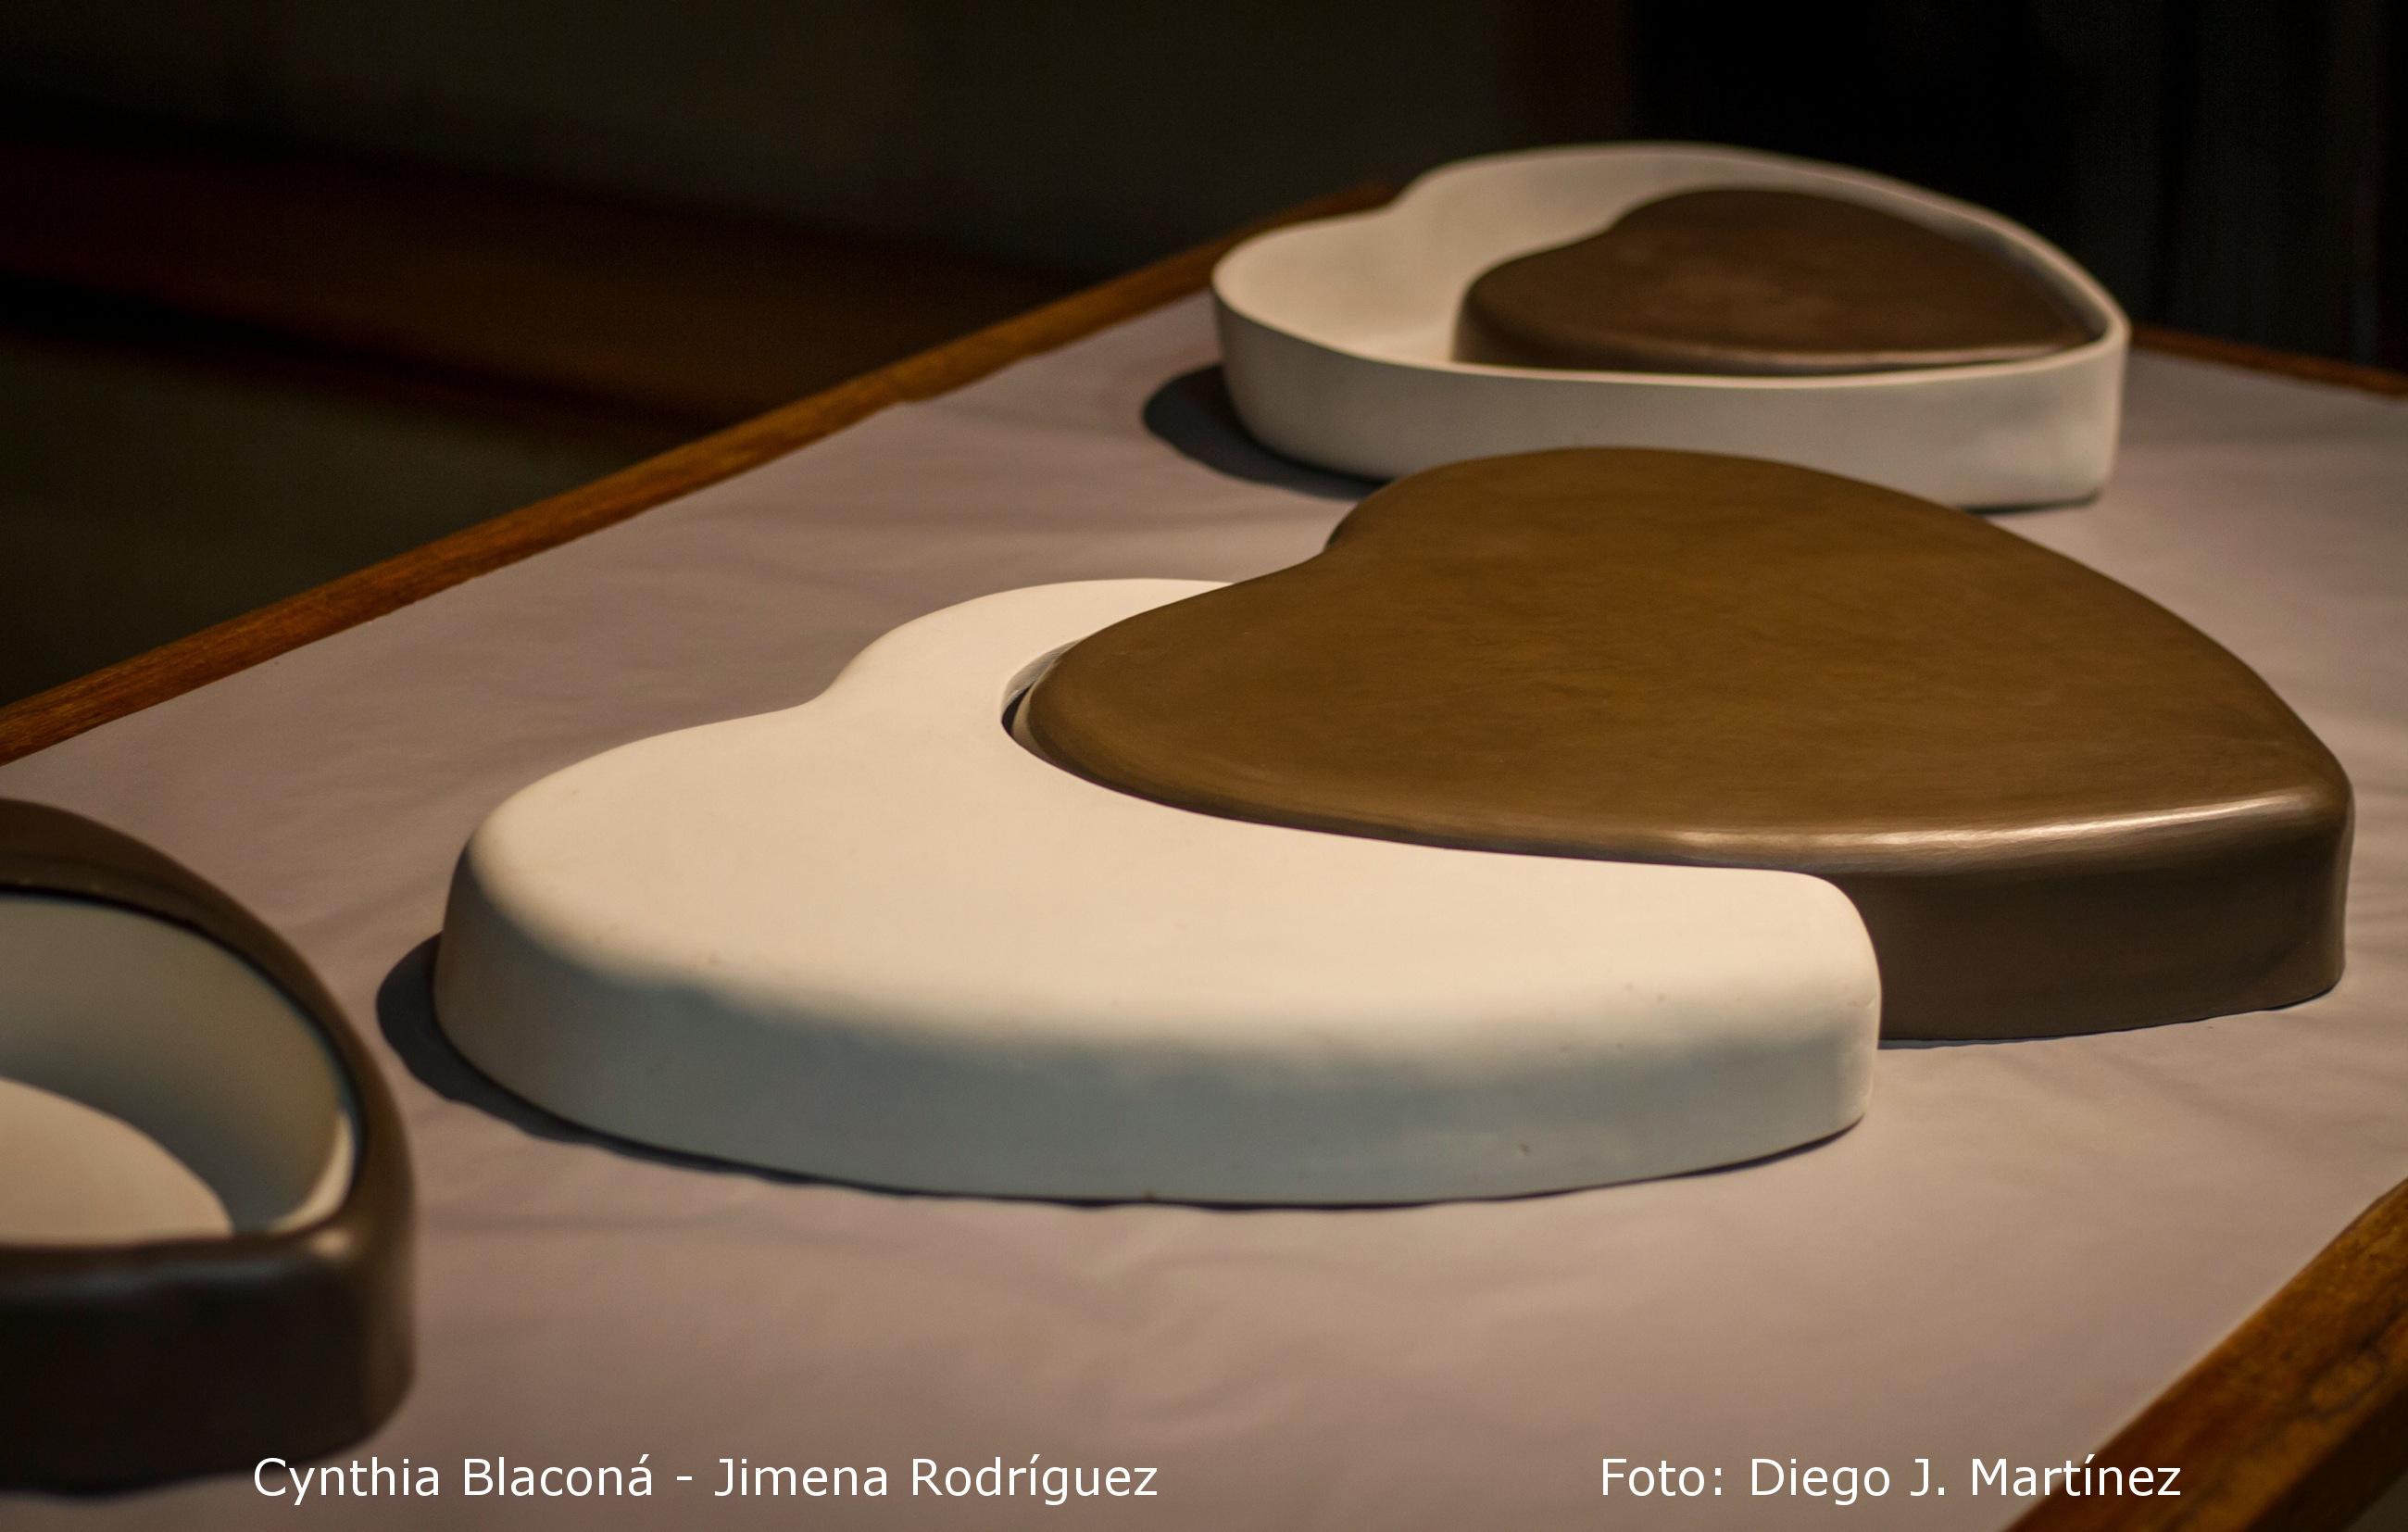 Falsas morfologías del amor romántico. Cynthia Blaconá – Jimena Rodríguez (obra cerámica). (2015) - Cynthia Blacona